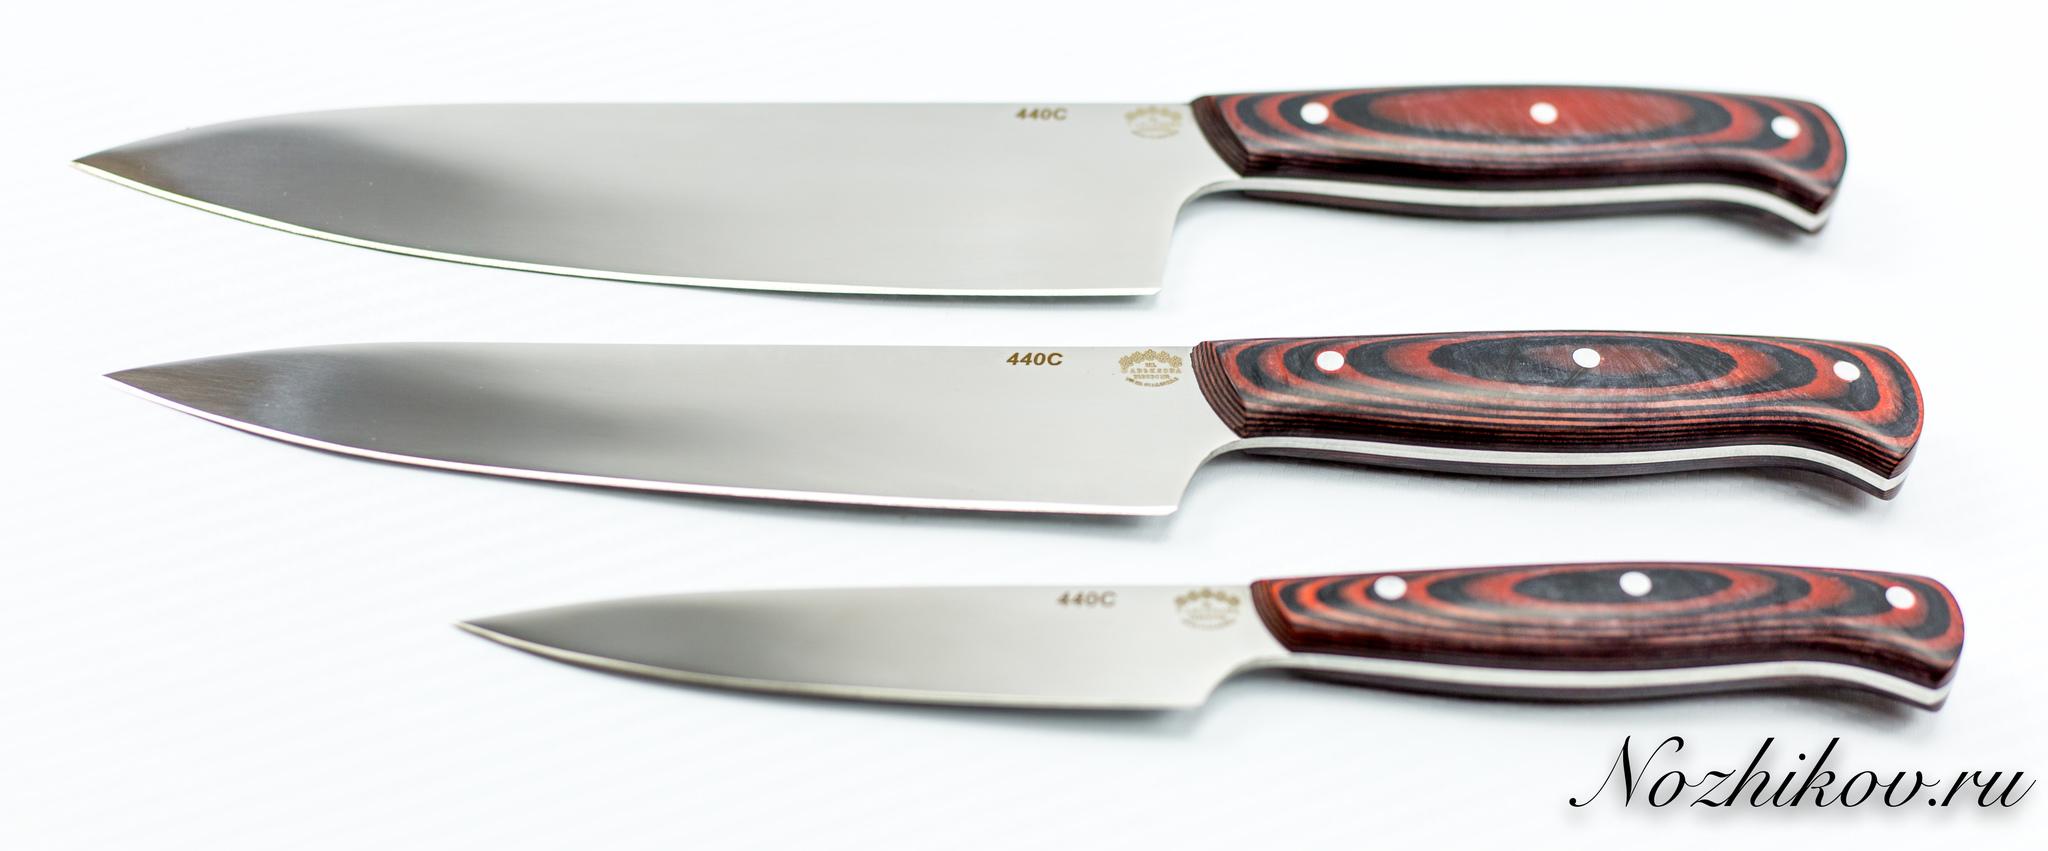 Набор ножей для кухни, сталь 440С ручка микарта